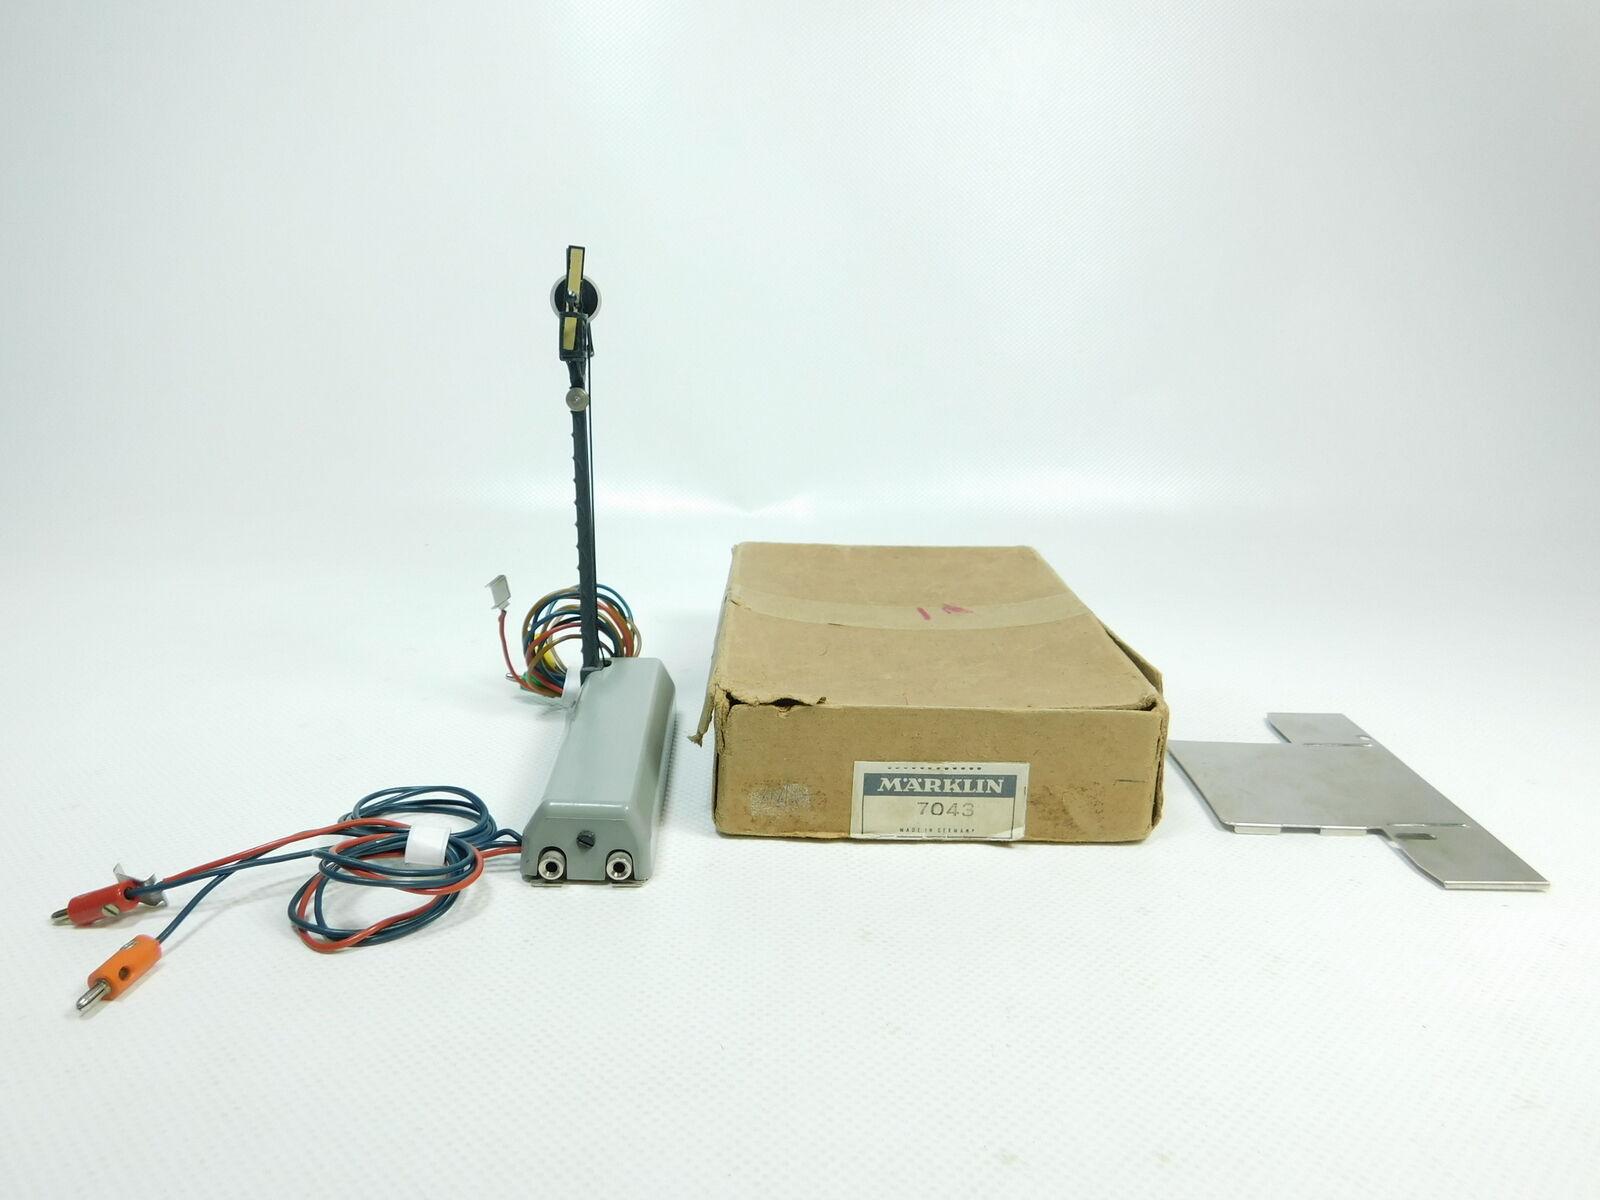 BF919-0,5  Märklin H0 AC Abdrücksignal 7043 (446 22) geprüft, sehr gut + OVP